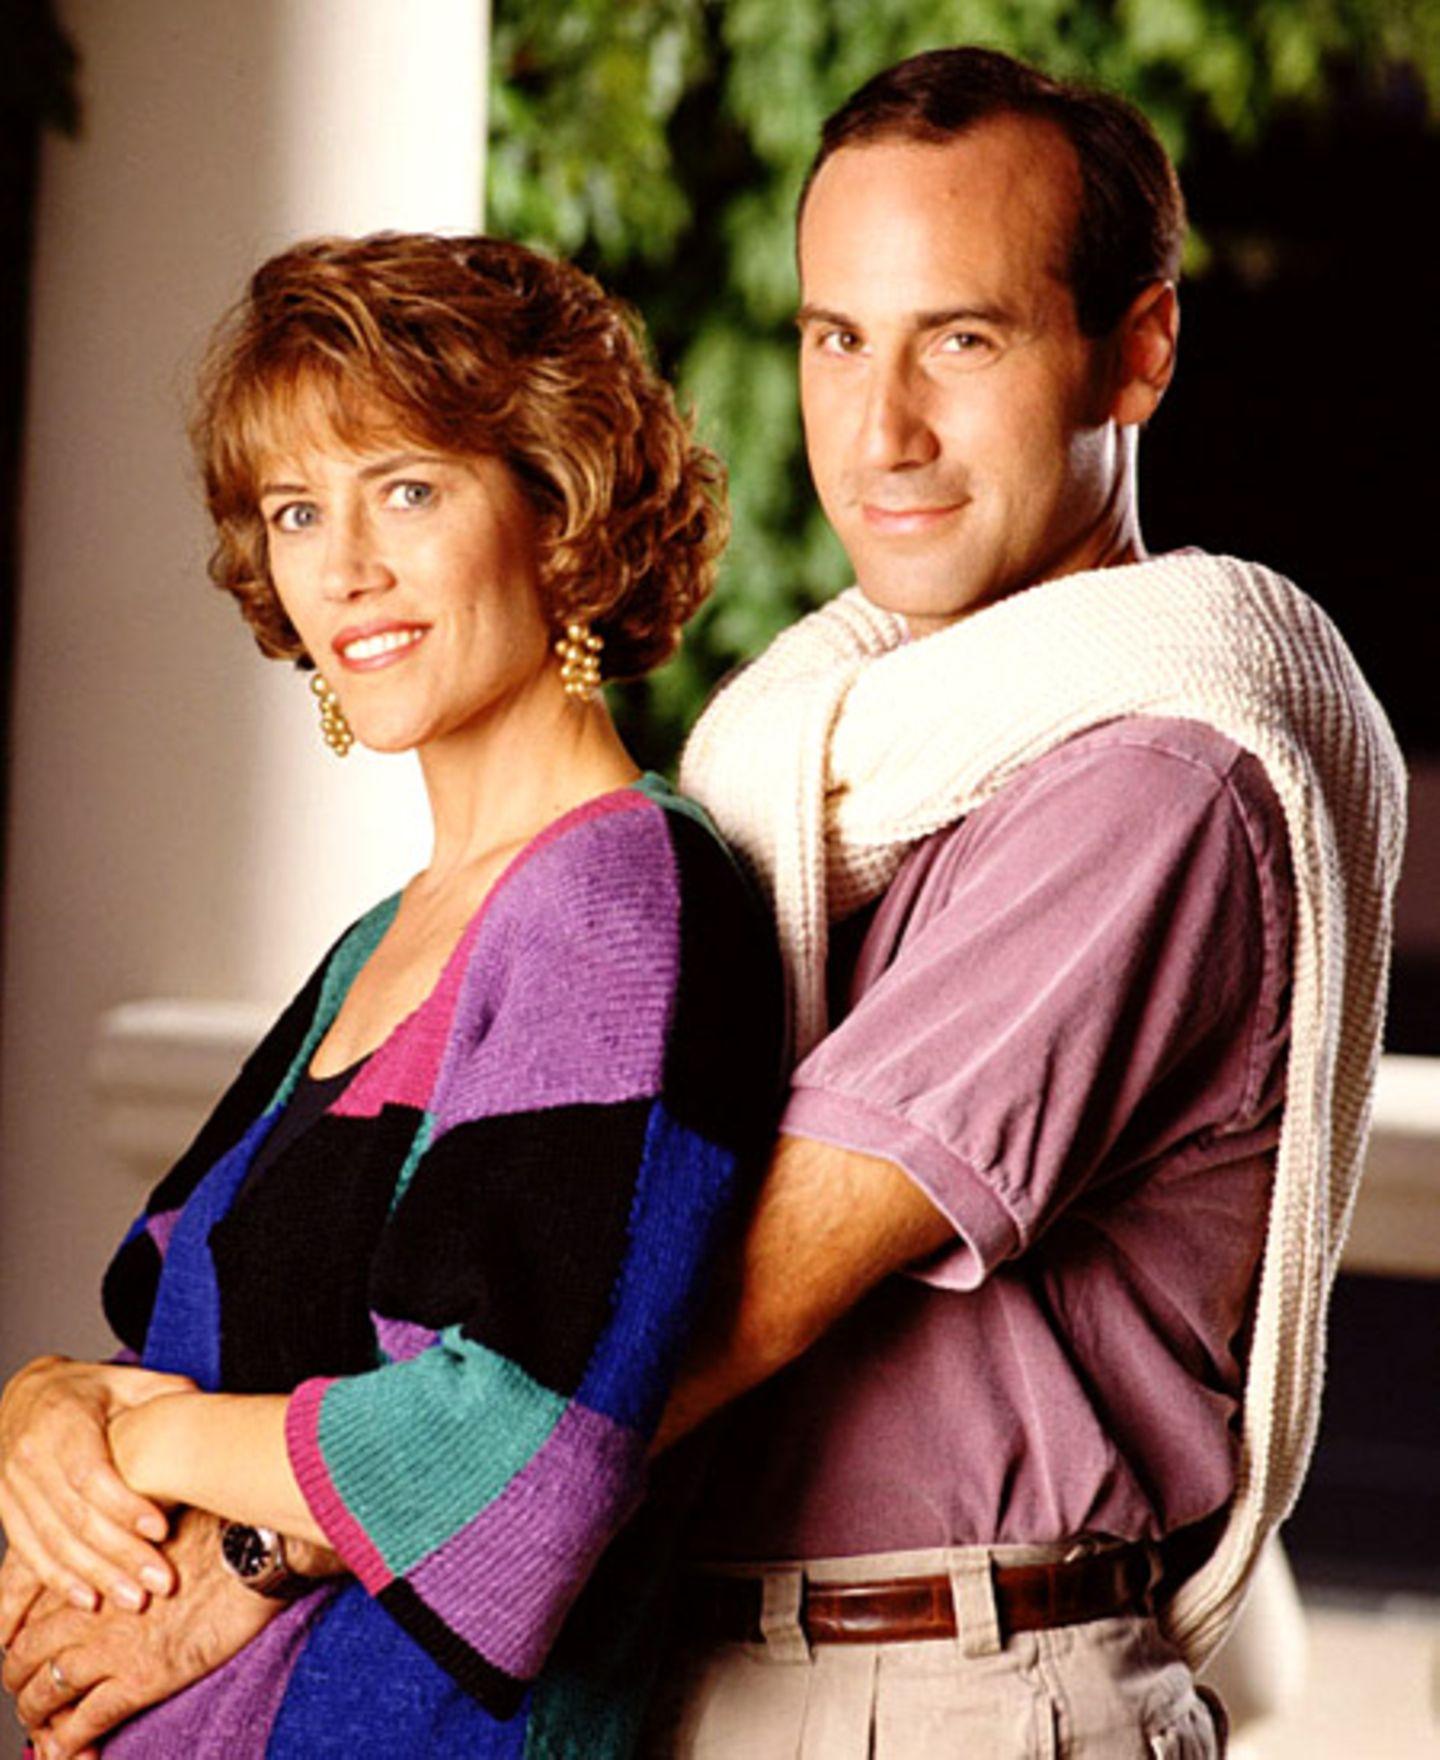 Carol Potter und James Eckhouse sind besser bekannt als Cindy und Jim Walsh und erleben nach wie vor allerlei Aufregung mit ihre